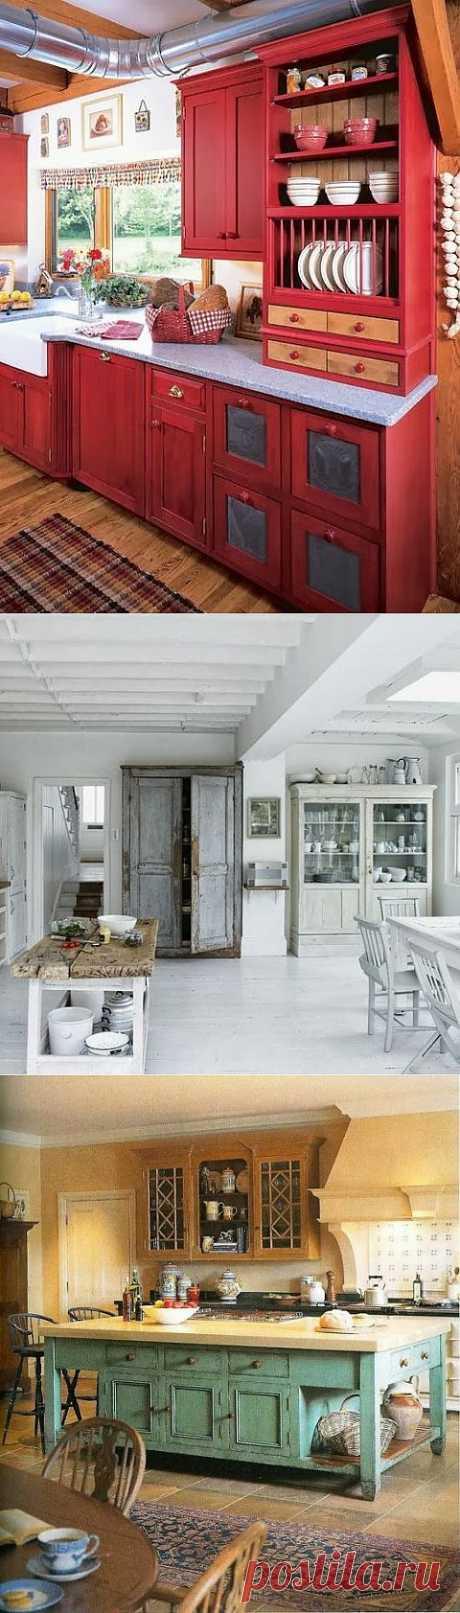 Кухни в деревенском стиле | МОЙ ДОМ